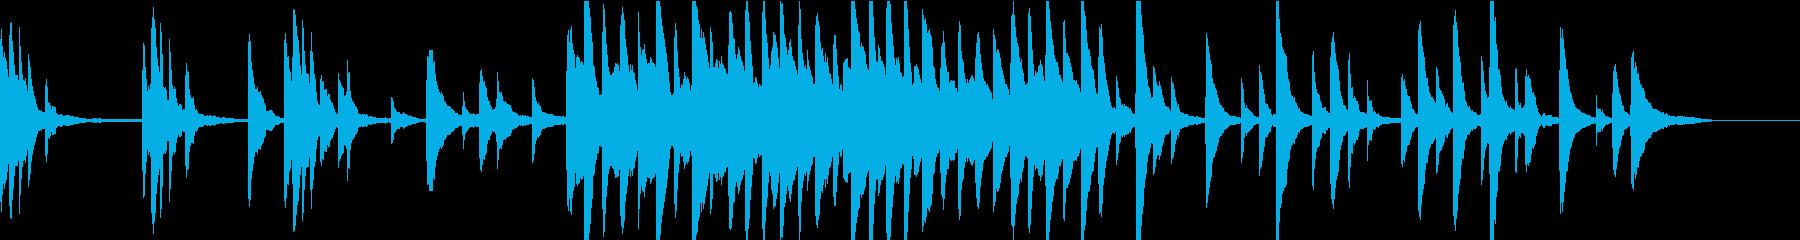 チルアウト 温もりと癒しのピアノ 映像等の再生済みの波形